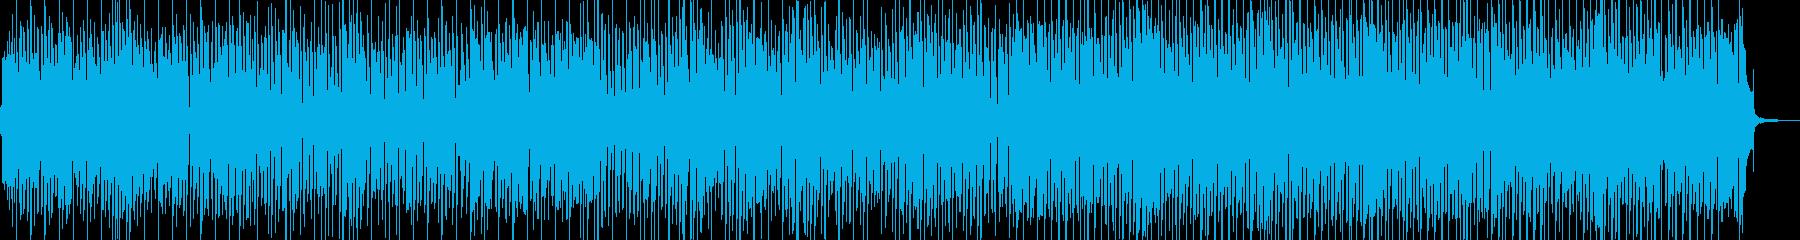 駆け足・楽しいカントリーポップス 短尺の再生済みの波形